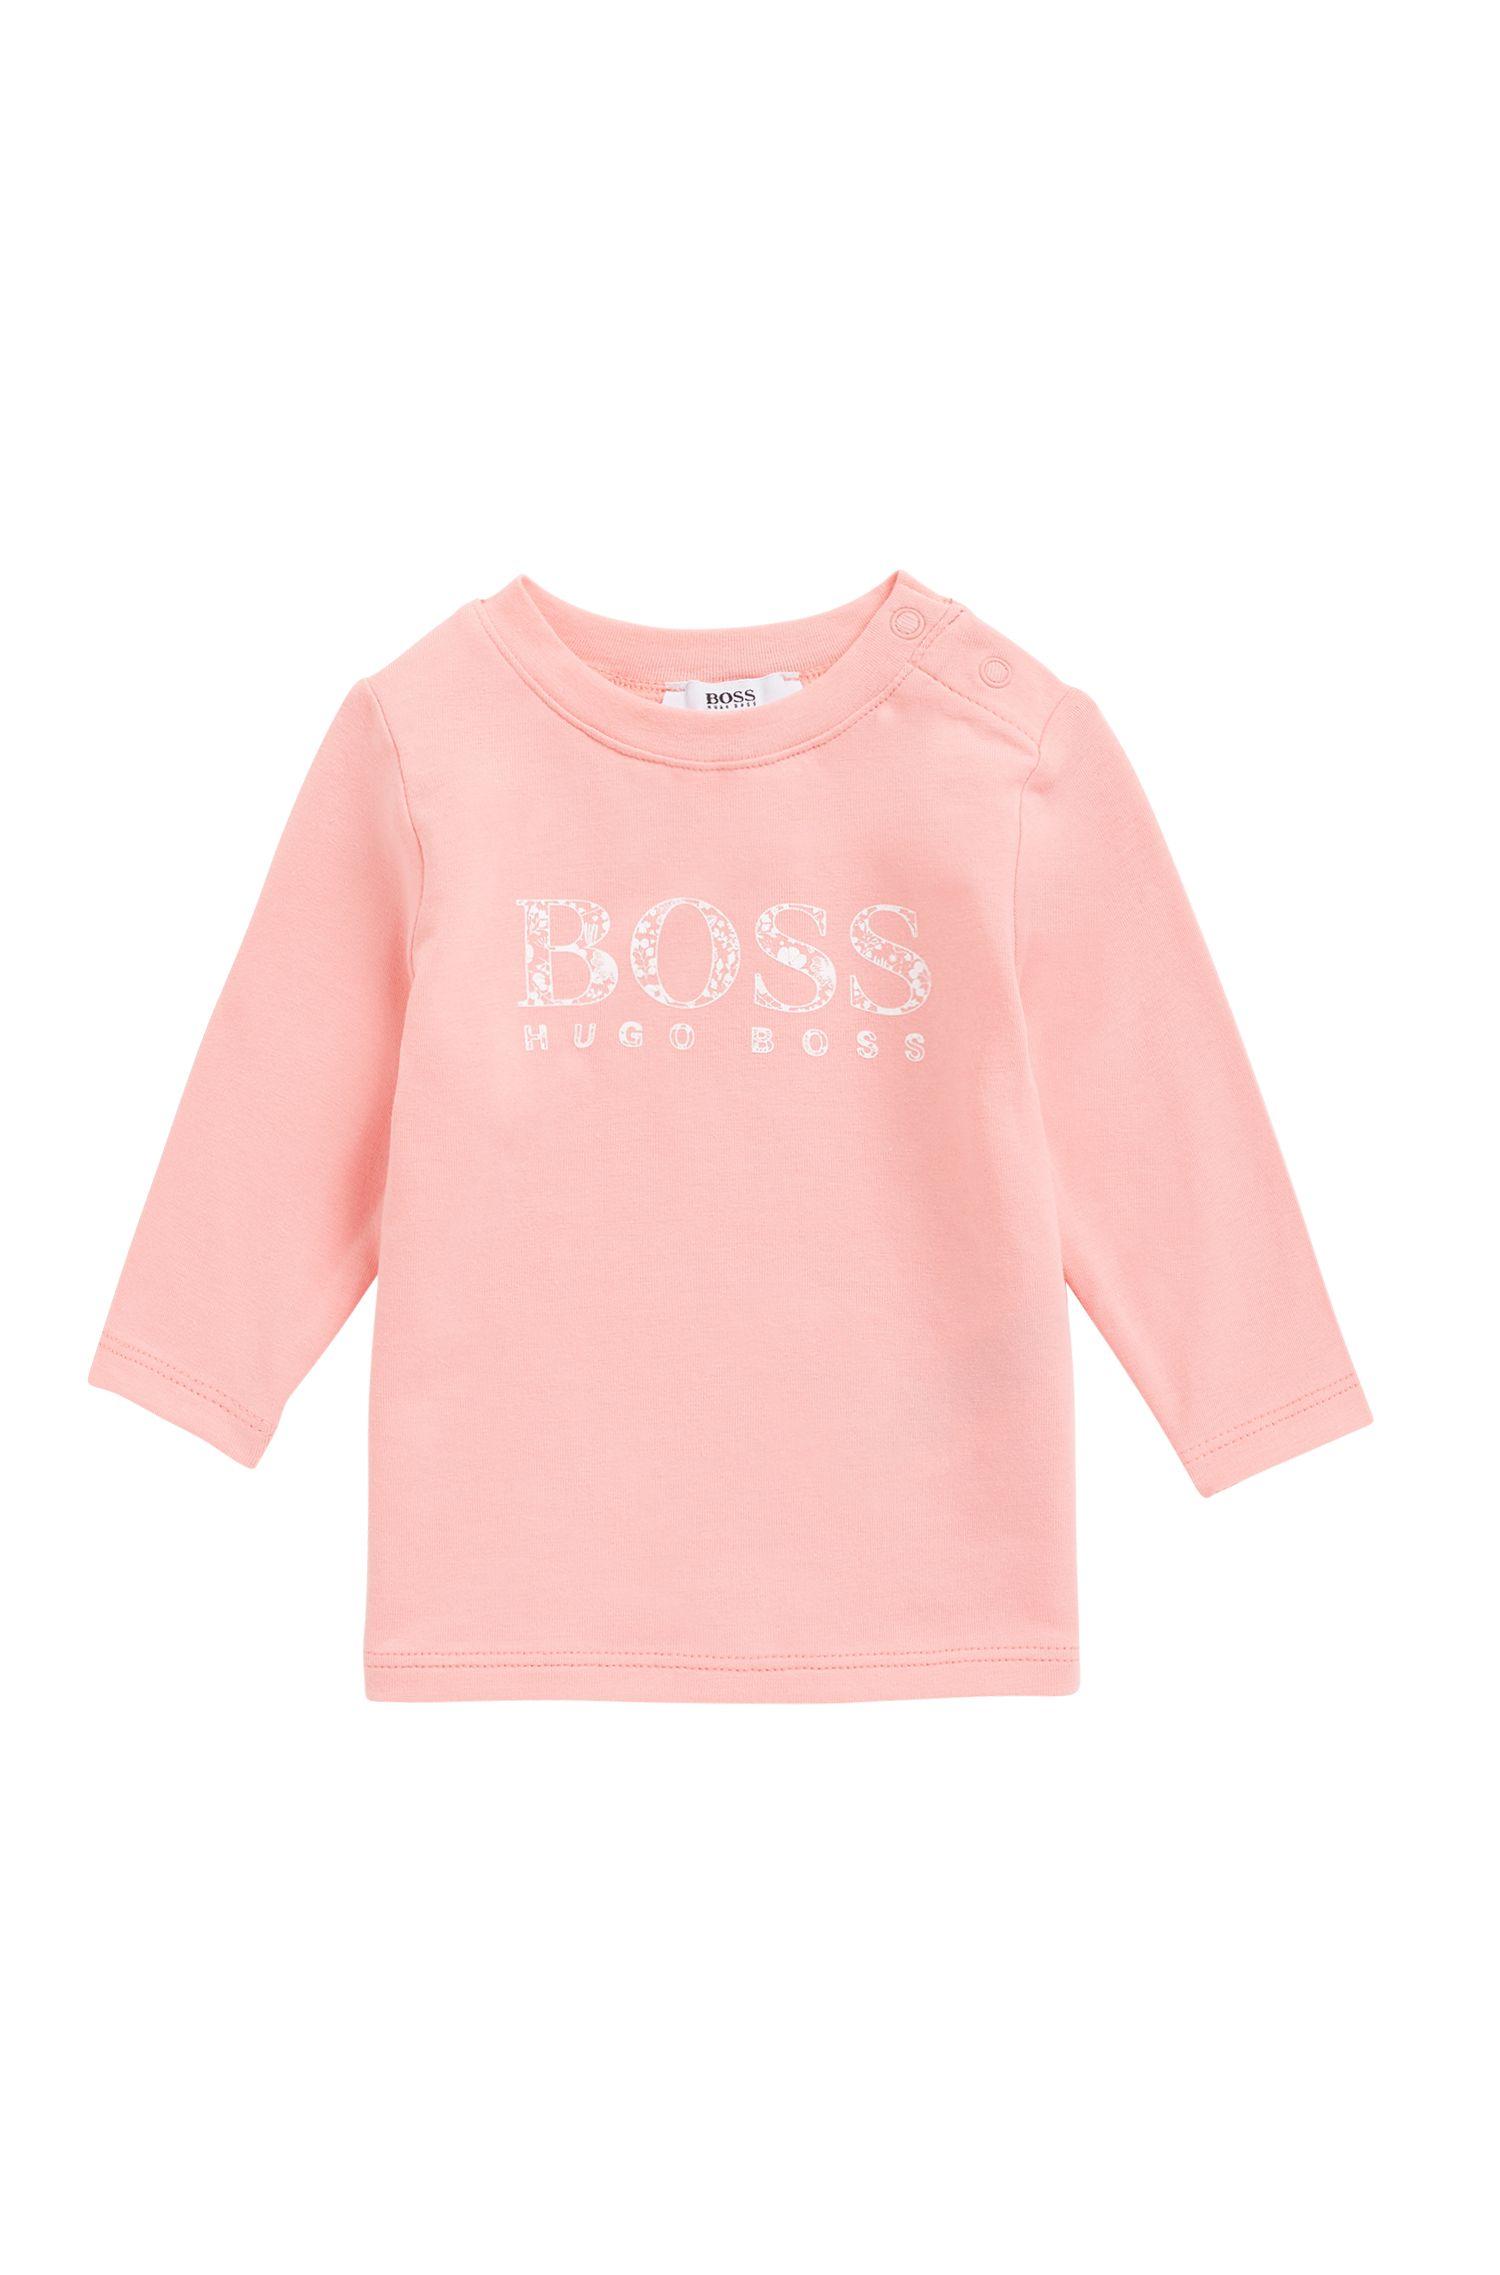 T-shirt à manches longues pour petite fille en jersey, avec logo imprimé, Rose clair